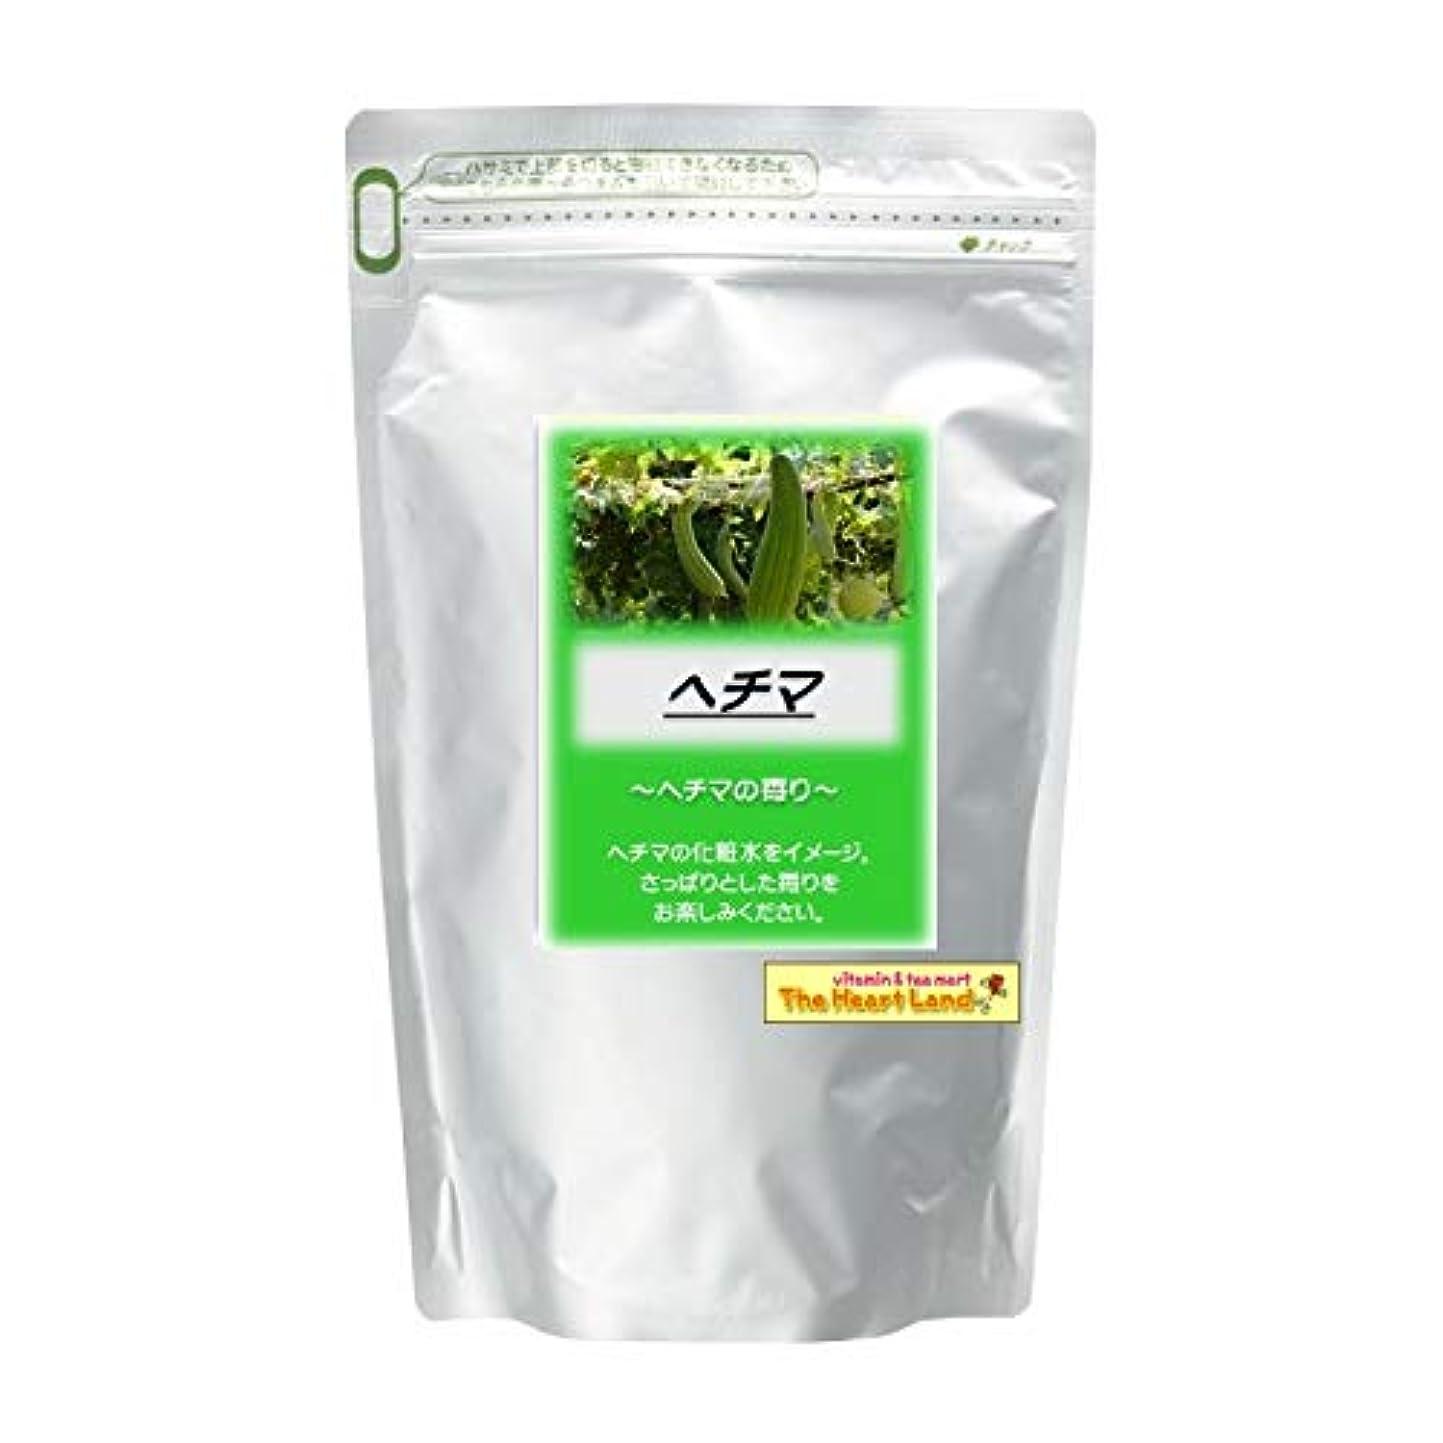 ドリルエイリアス誘惑アサヒ入浴剤 浴用入浴化粧品 ヘチマ 2.5kg